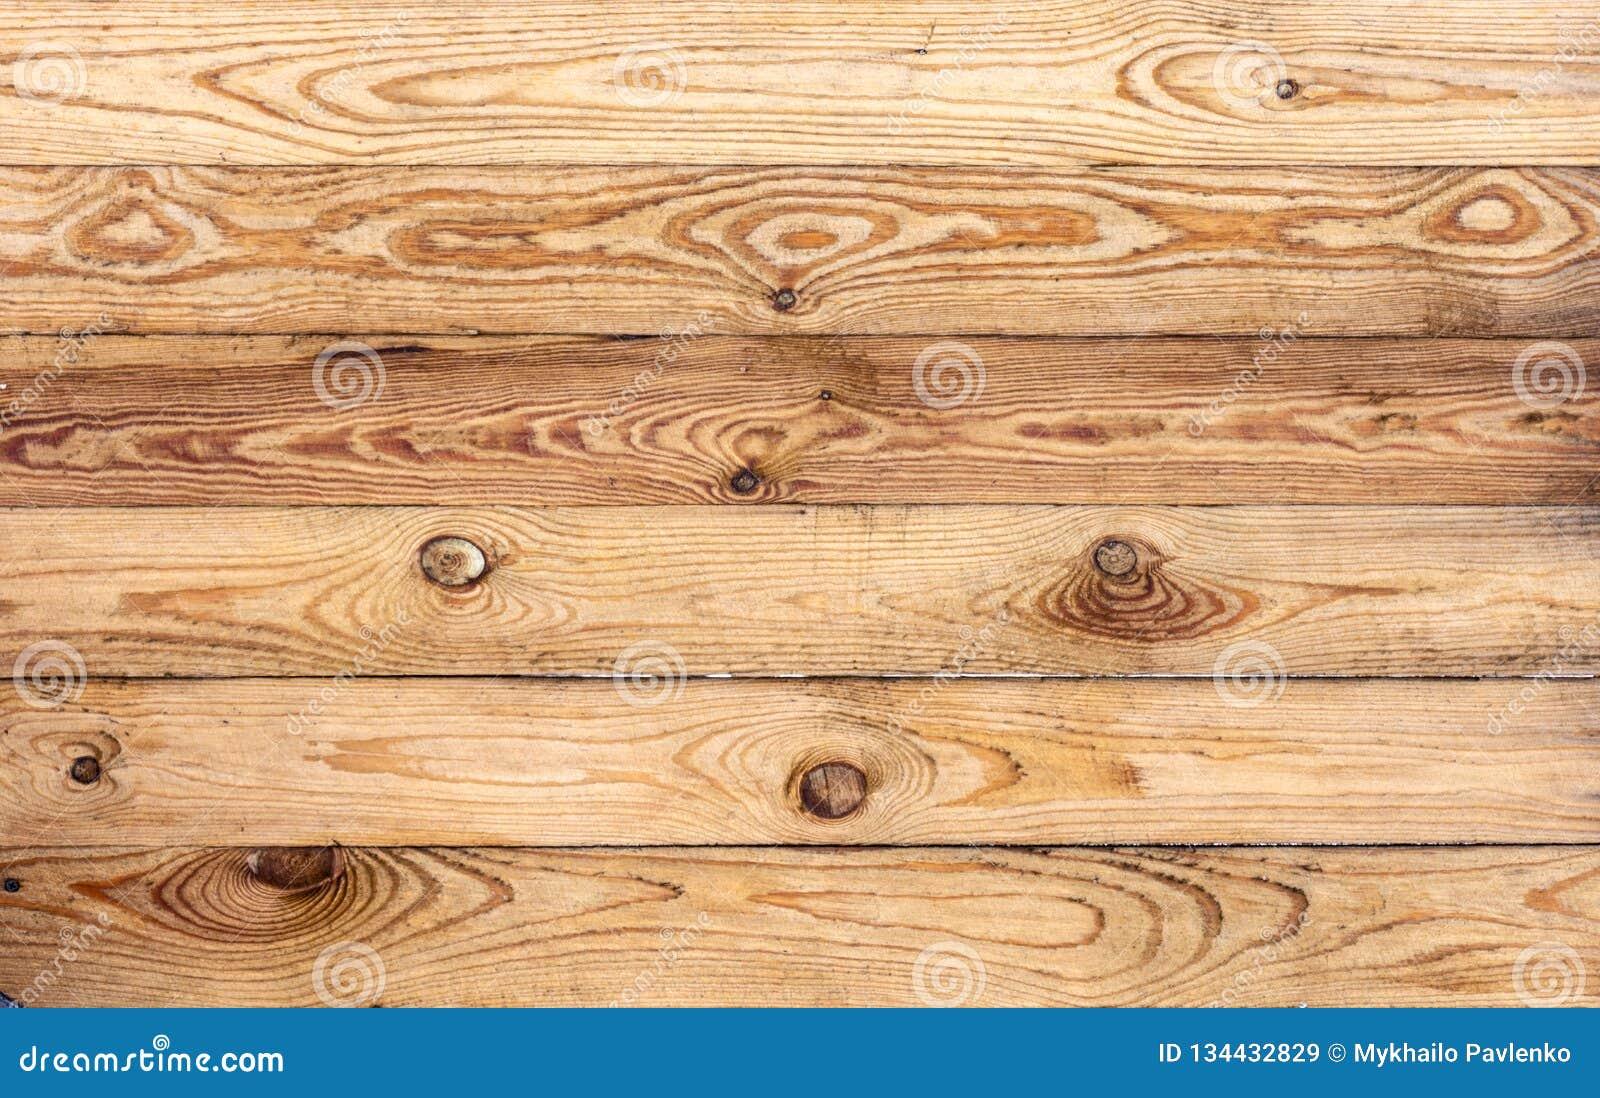 Hölzernes braunes Korngefüge, Draufsicht des hölzernen Wandhintergrundes des Holztischs